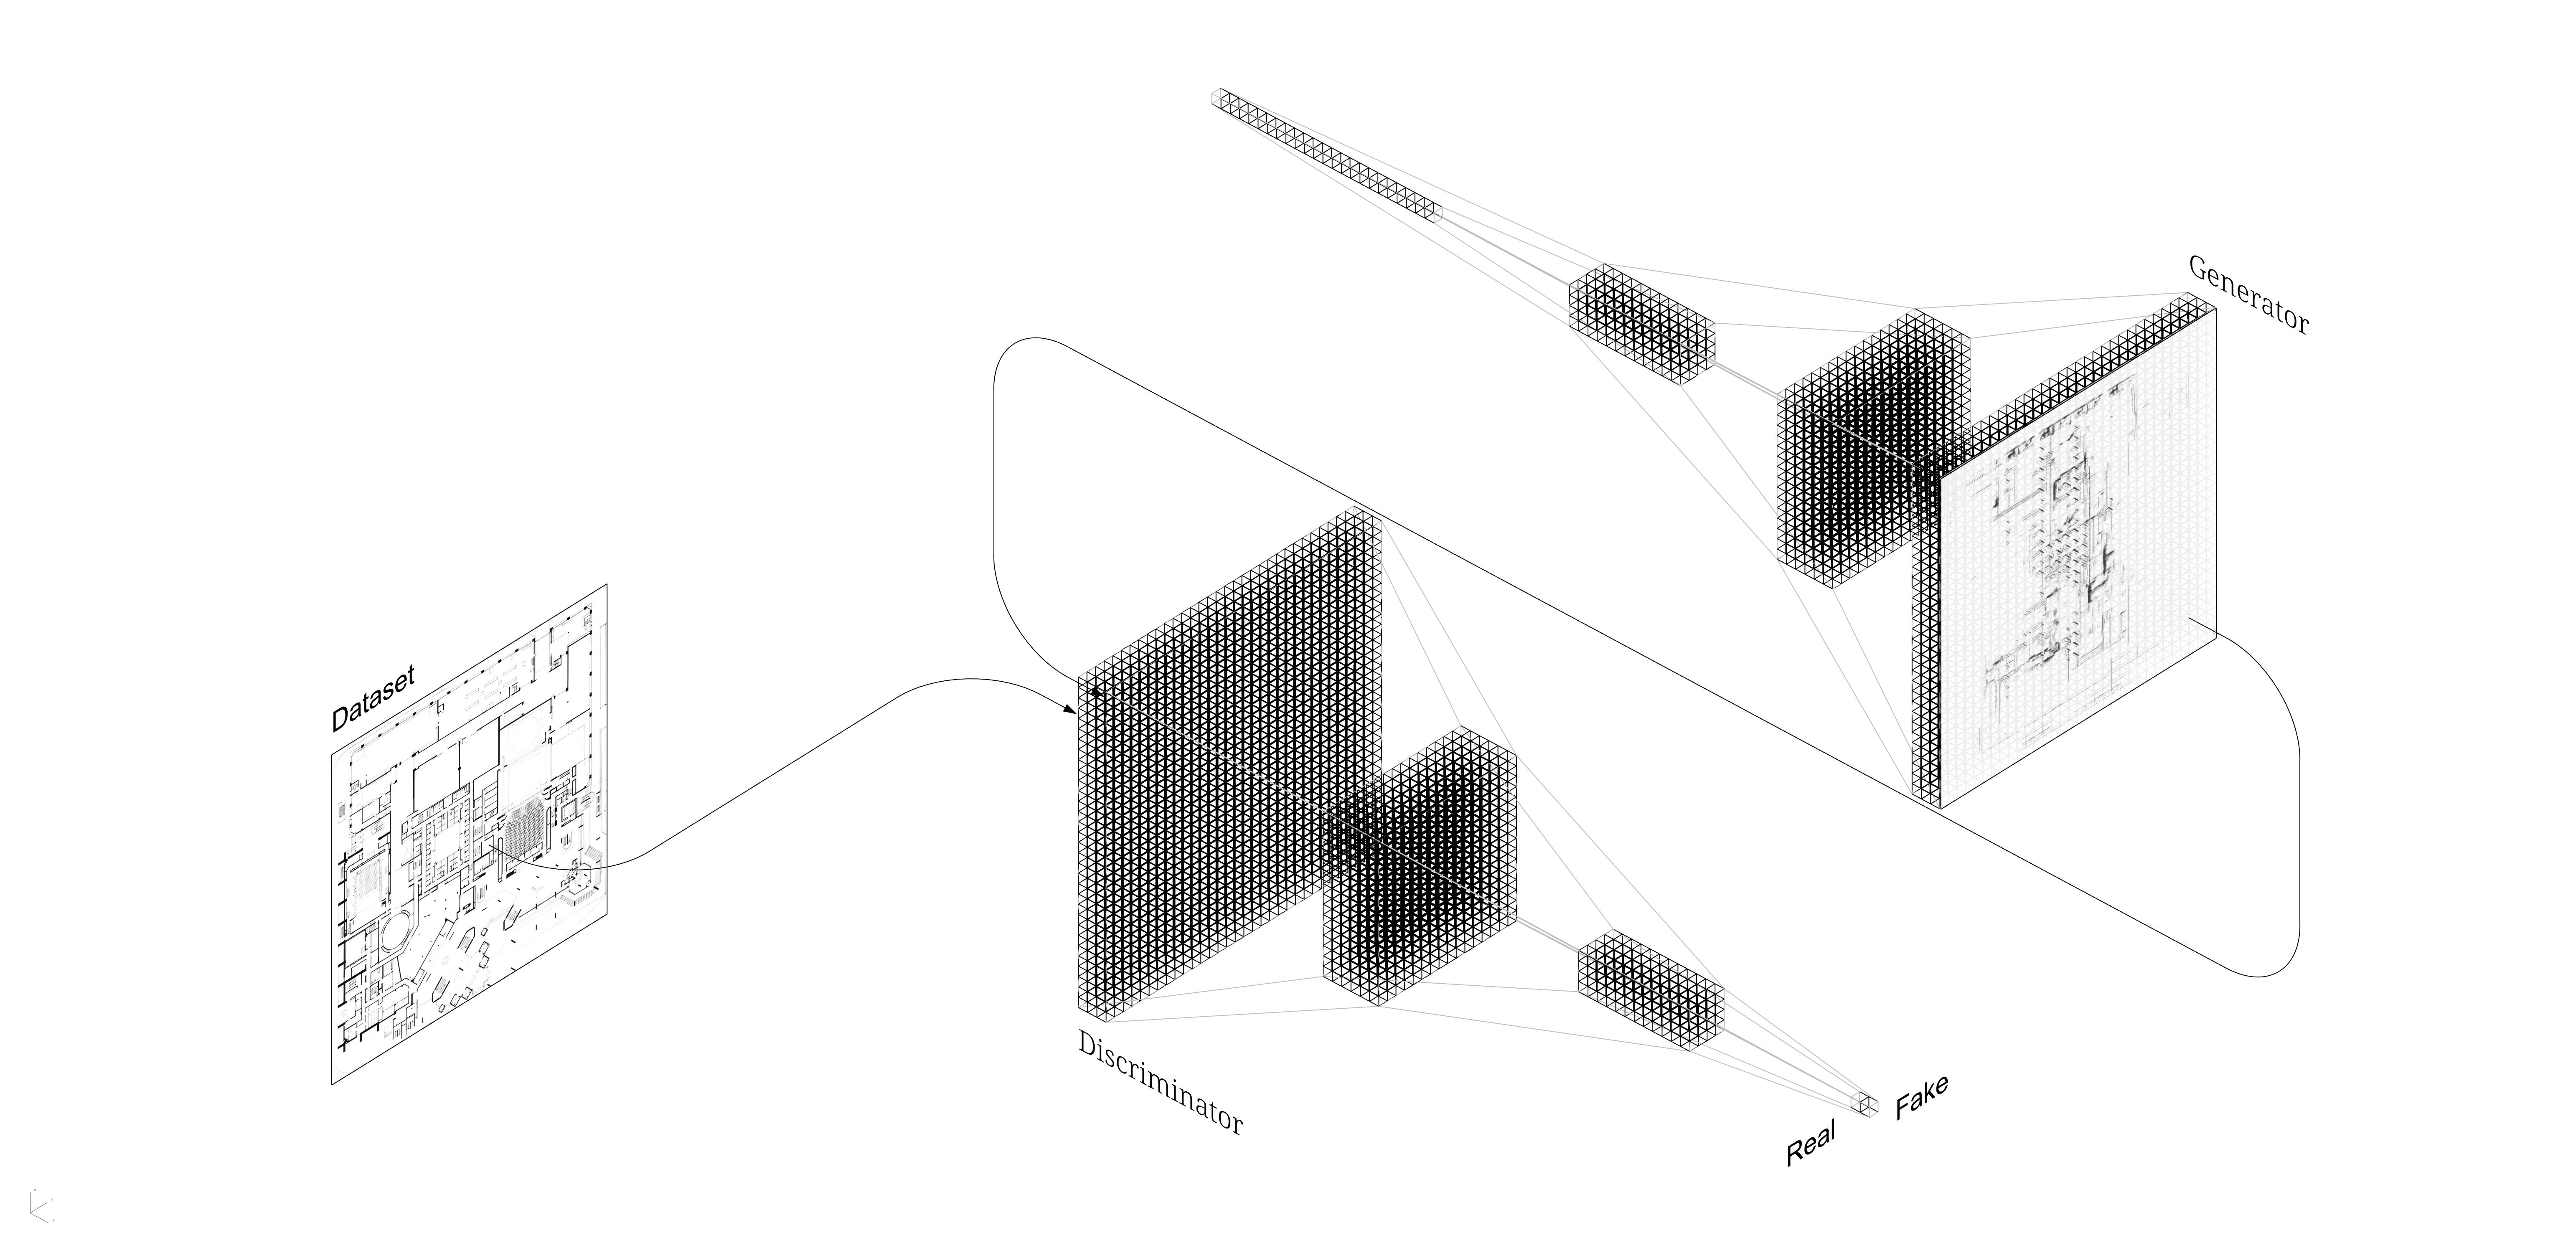 gan-diagram